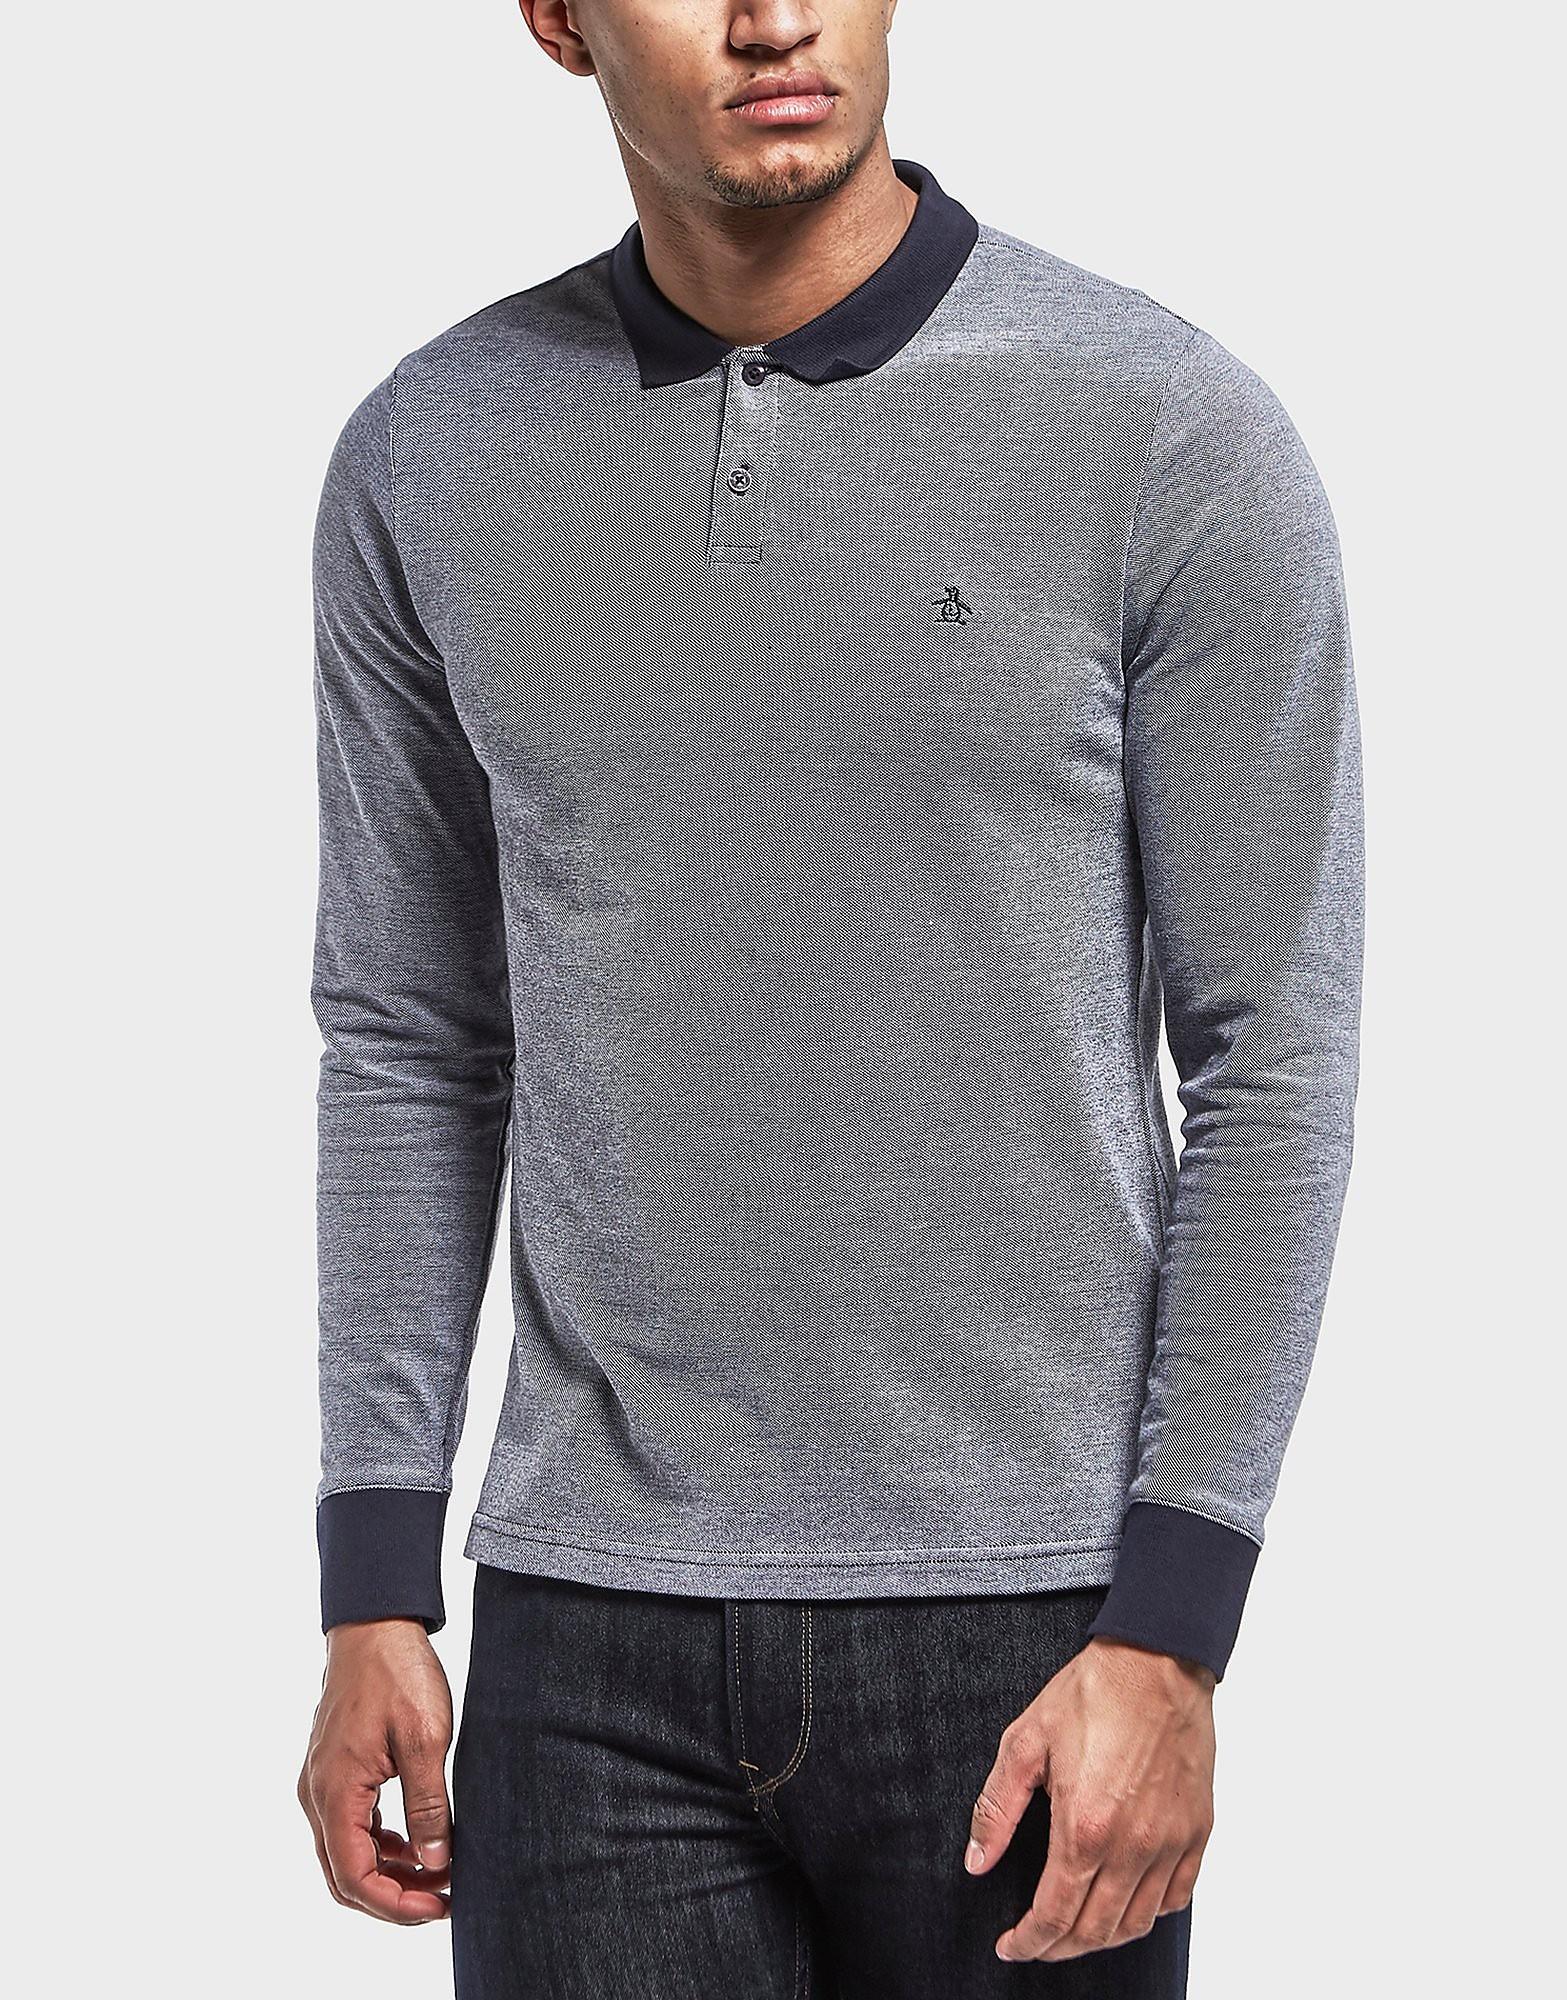 Original Penguin Birdseye Long Sleeve Polo Shirt - Exclusive